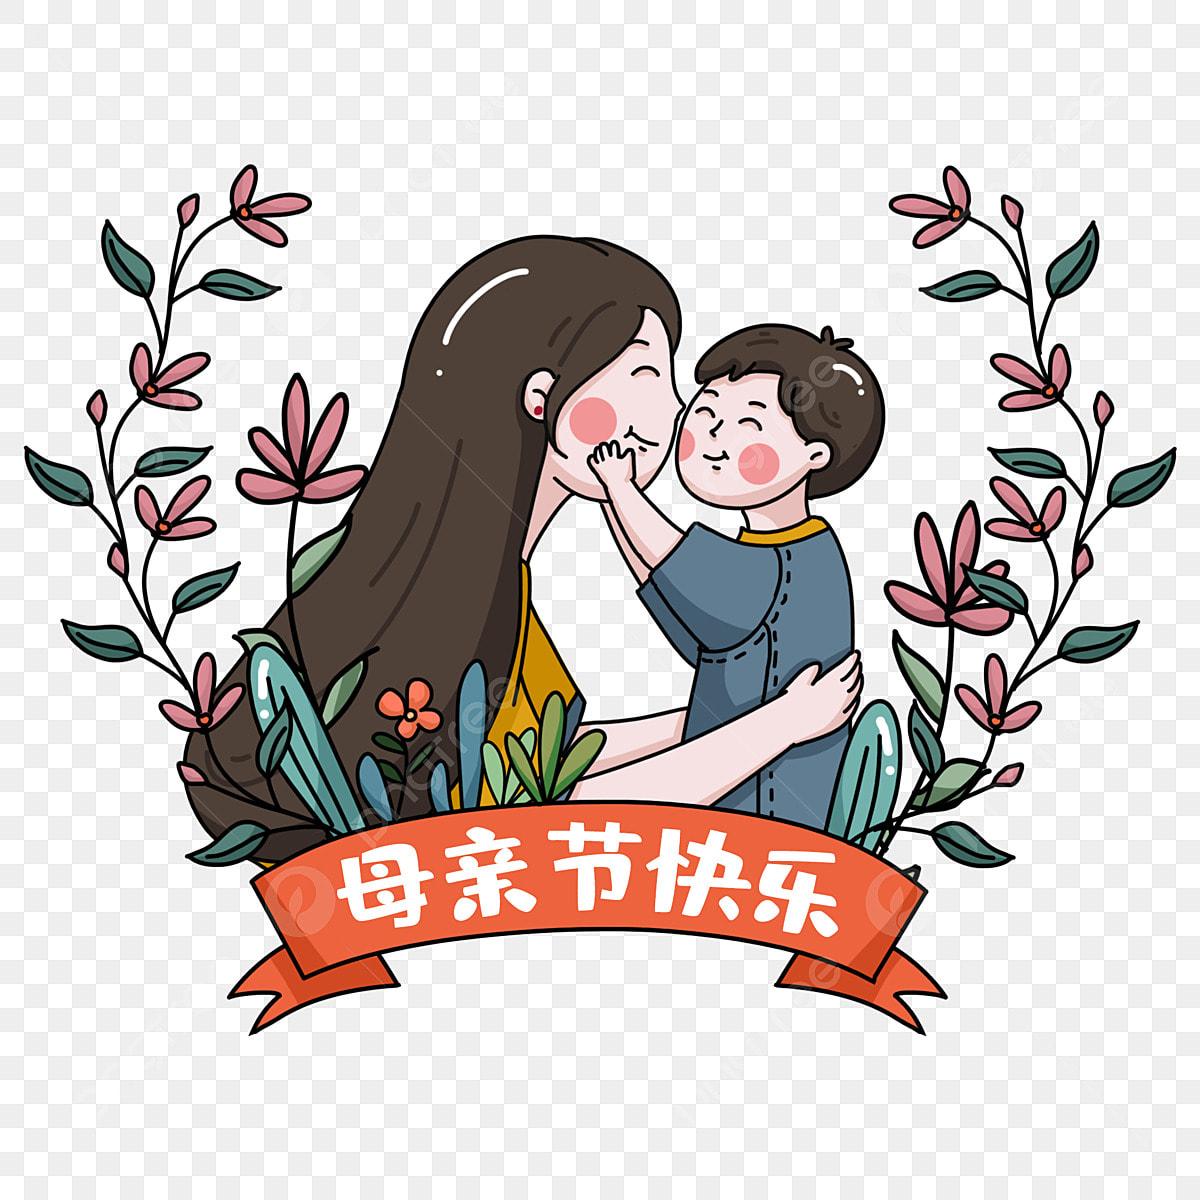 Kartun Hari Ibu Kartun Anak Laki Laki Kartun Relatif Ibu Dan Anak Karangan Bunga Kartun Png Transparan Gambar Clipart Dan File Psd Untuk Unduh Gratis